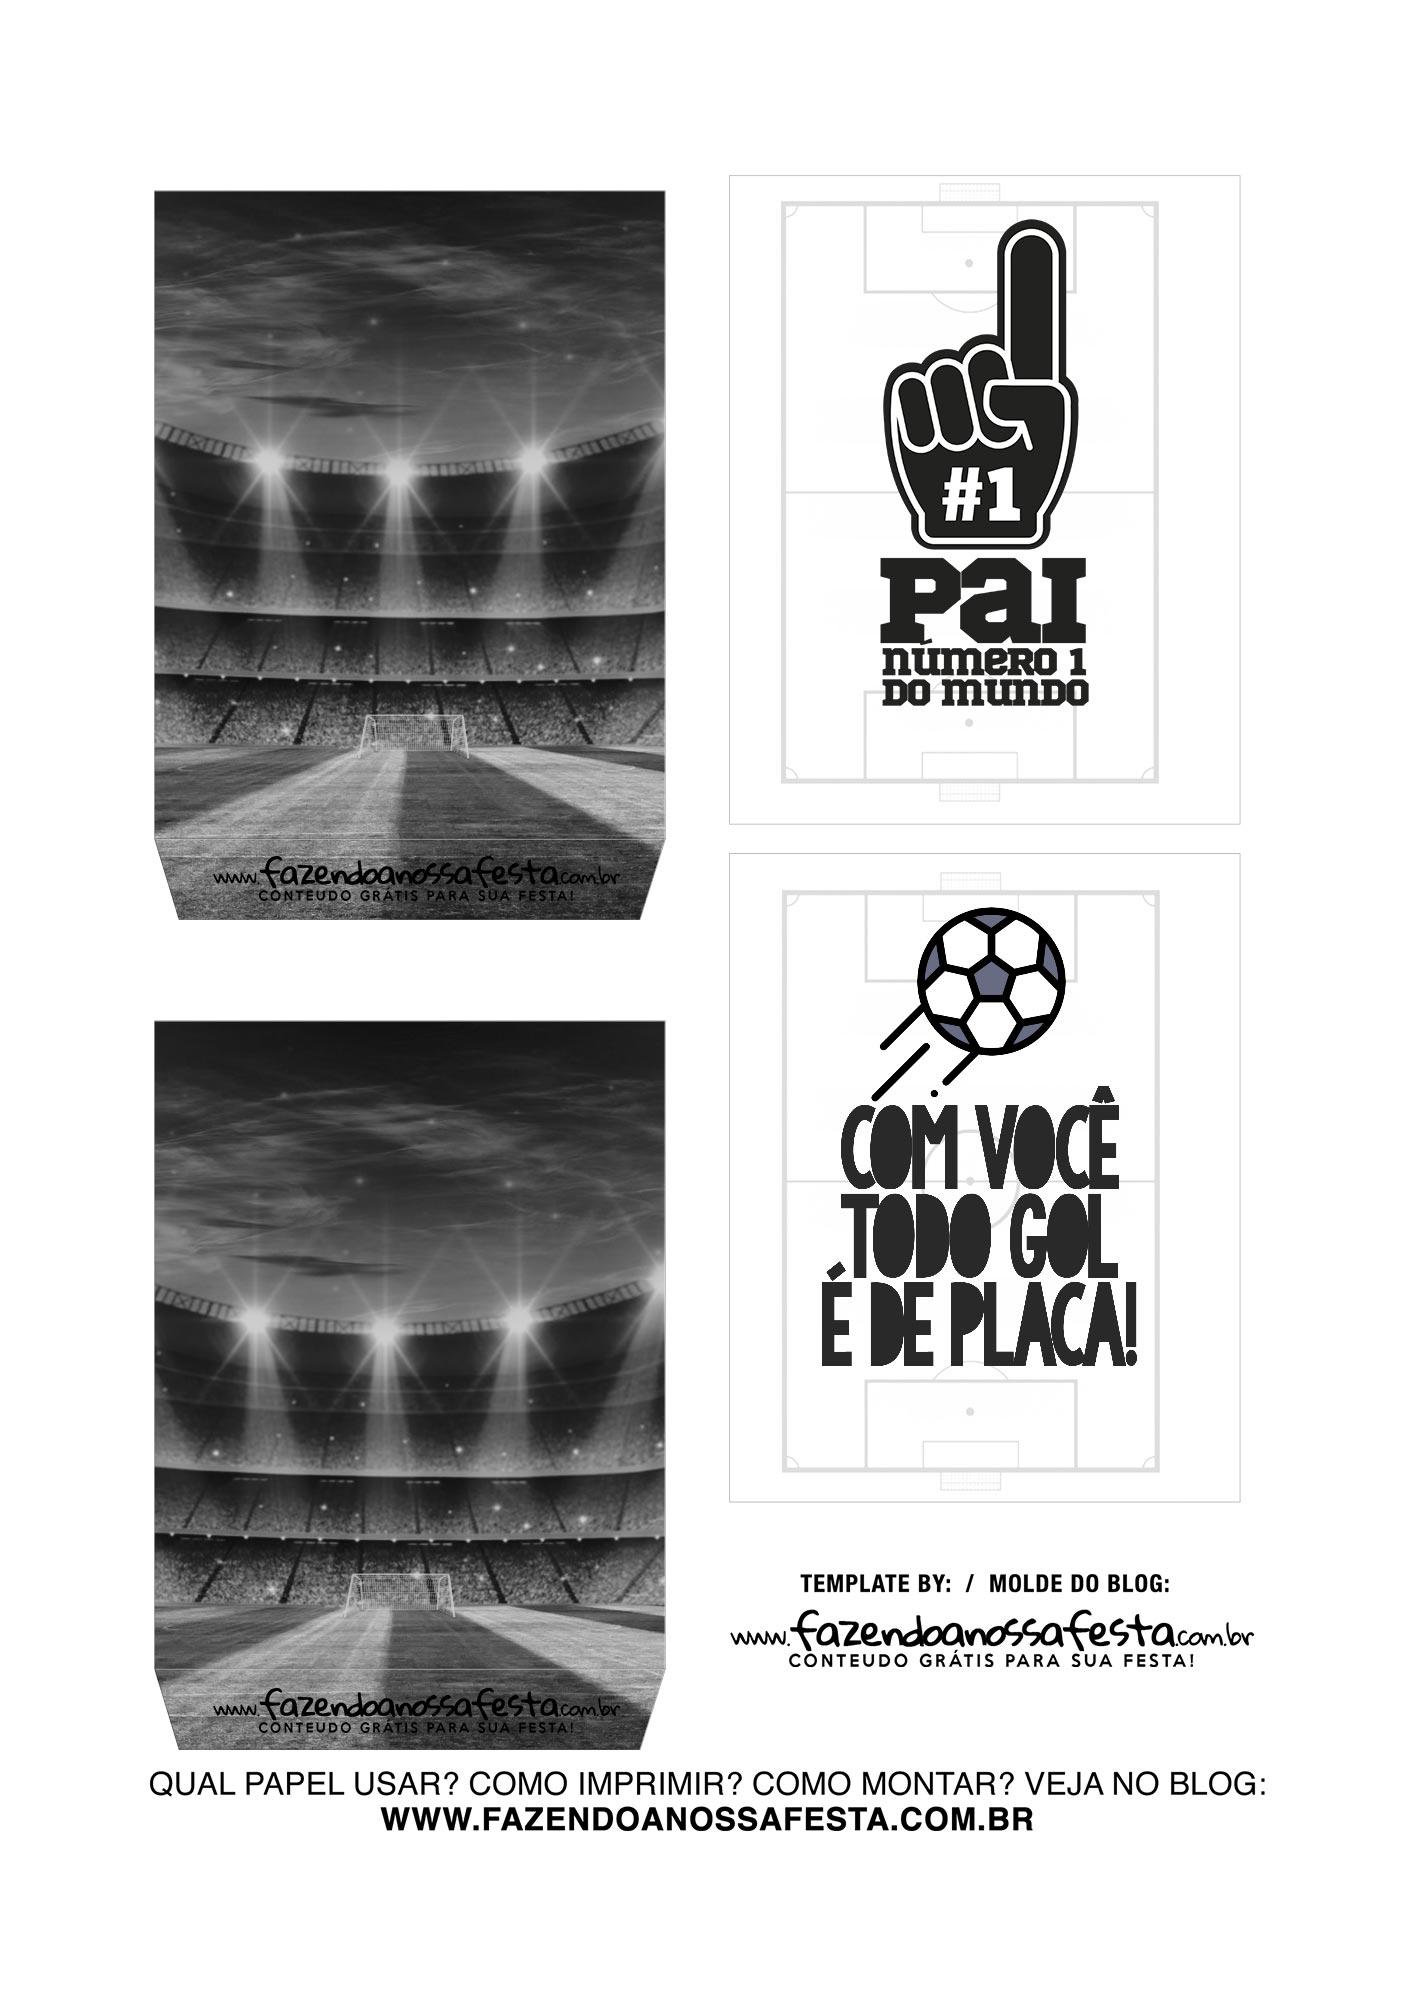 Caixa Explosao Dia dos Pais Times Sao Paulo Parte 3